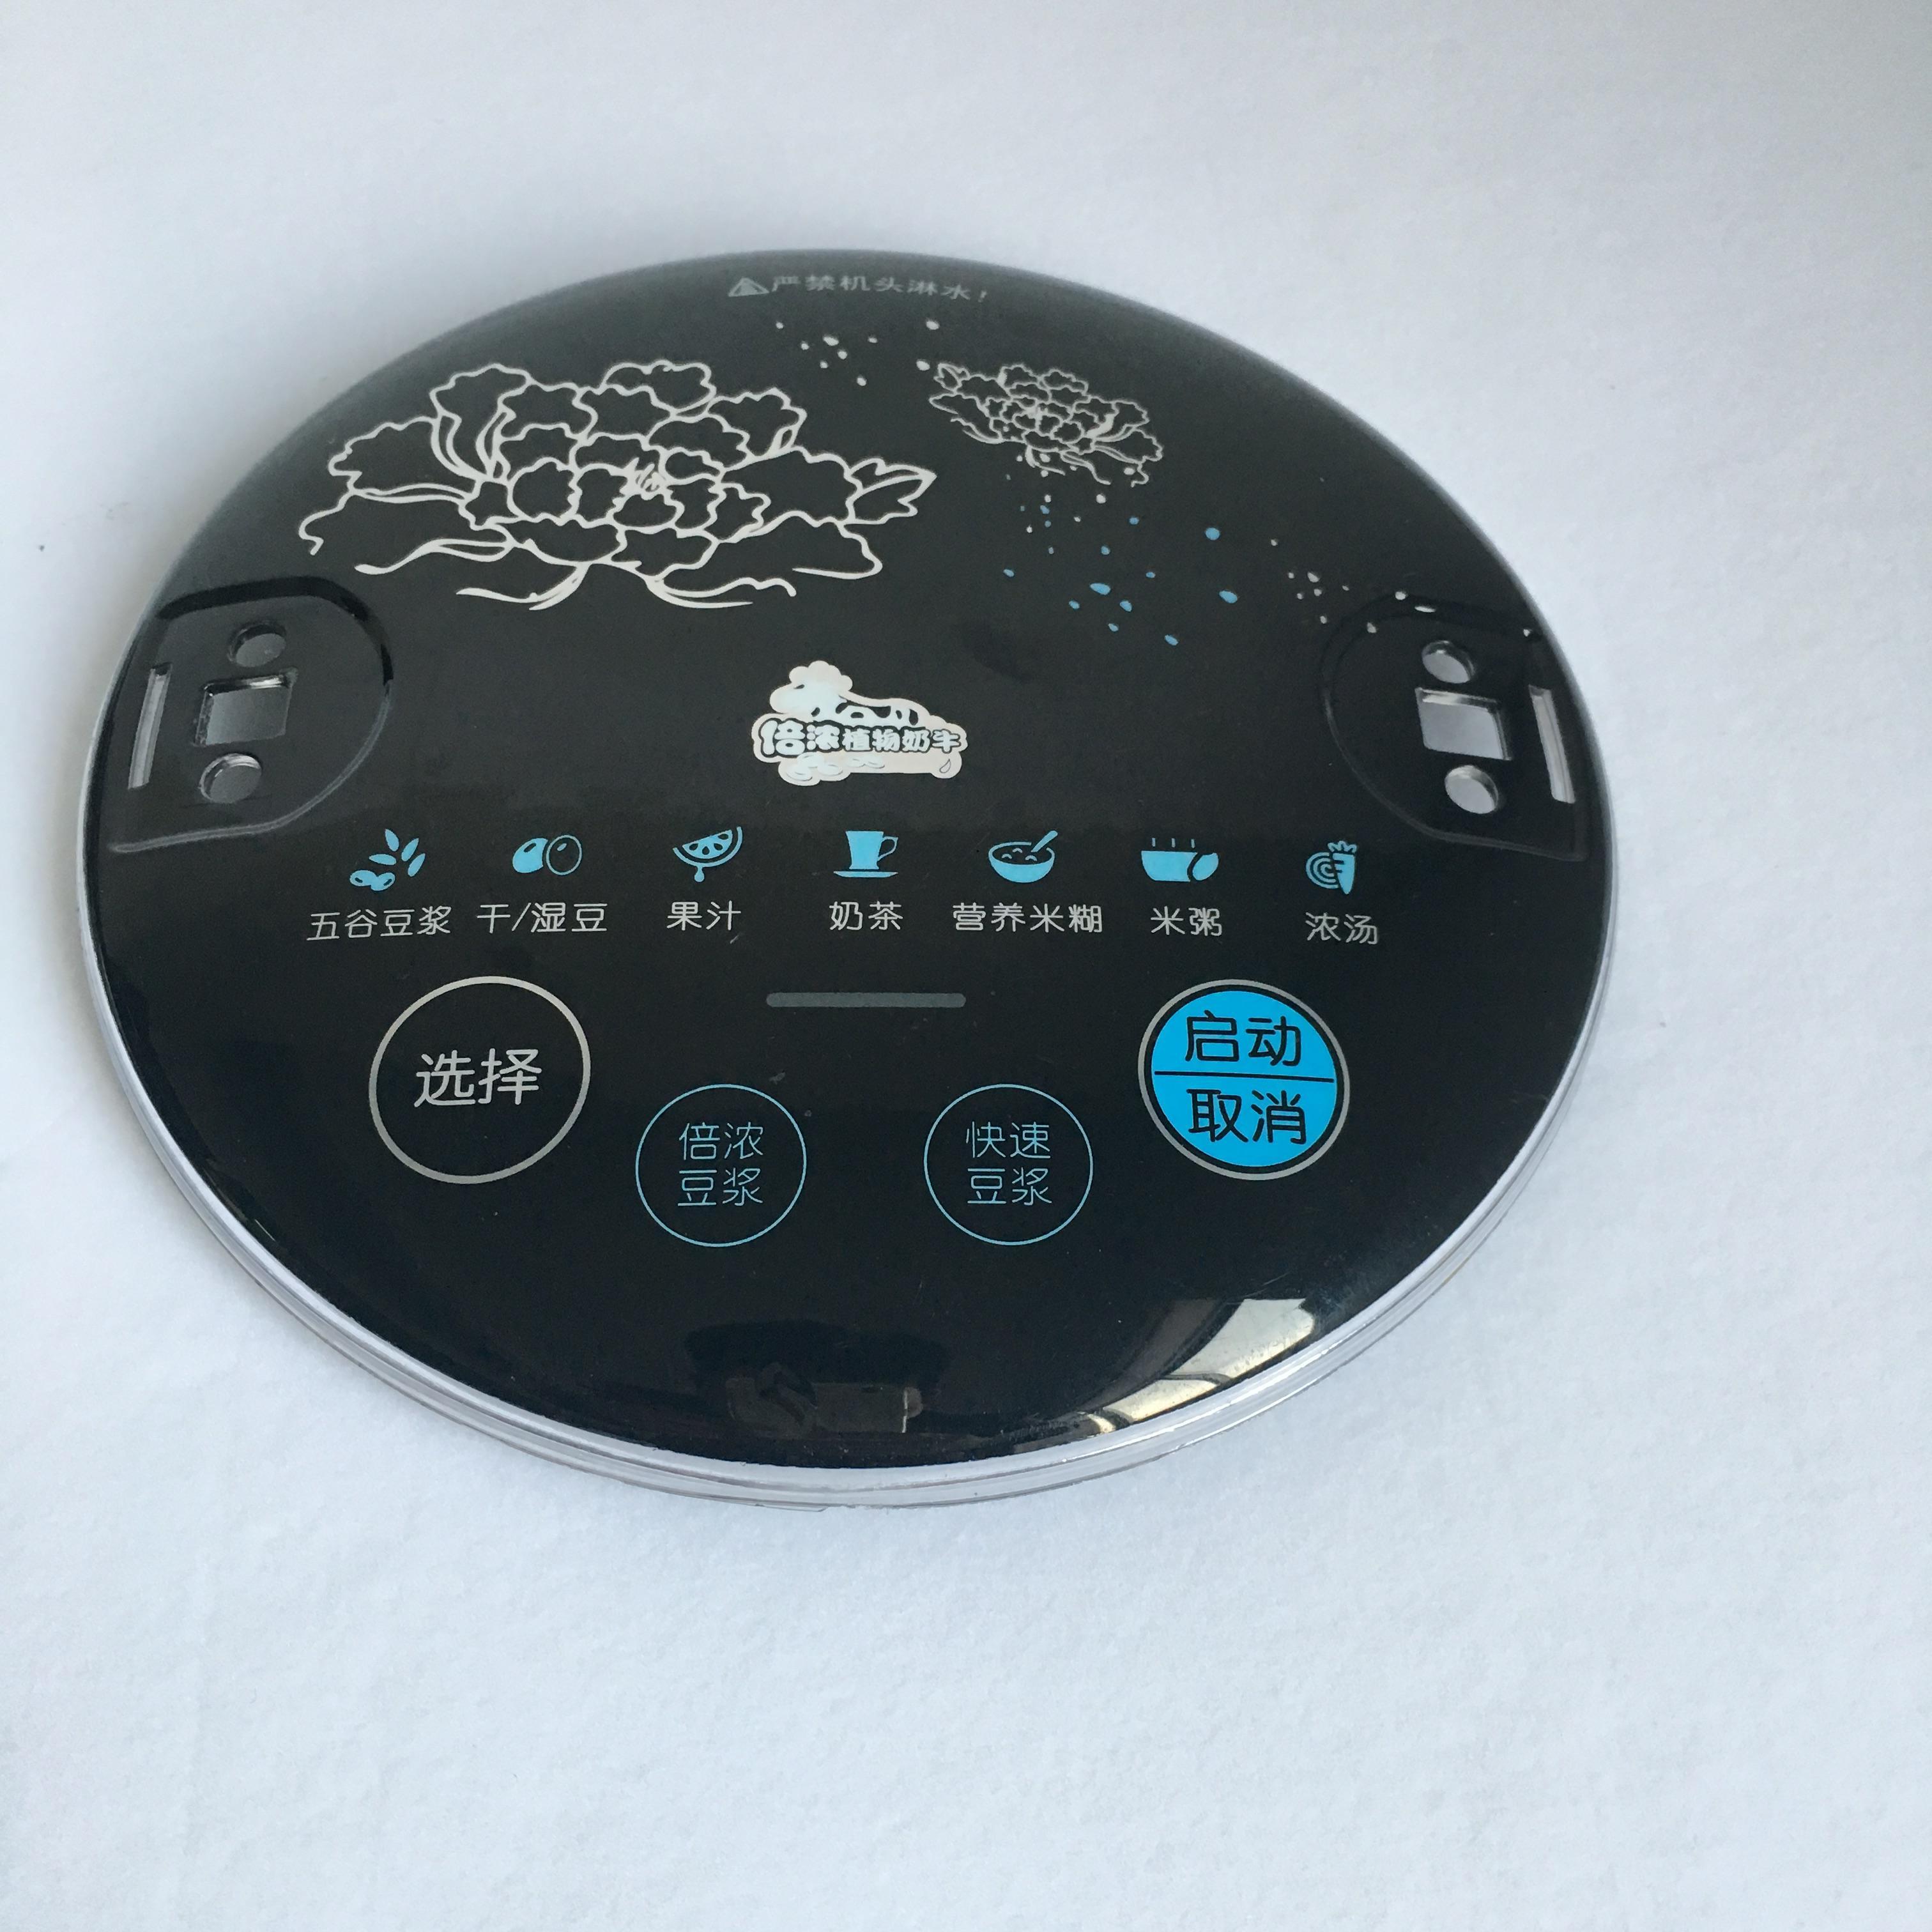 西湖区正规PC面板喷漆给您好的建议,PC面板喷漆